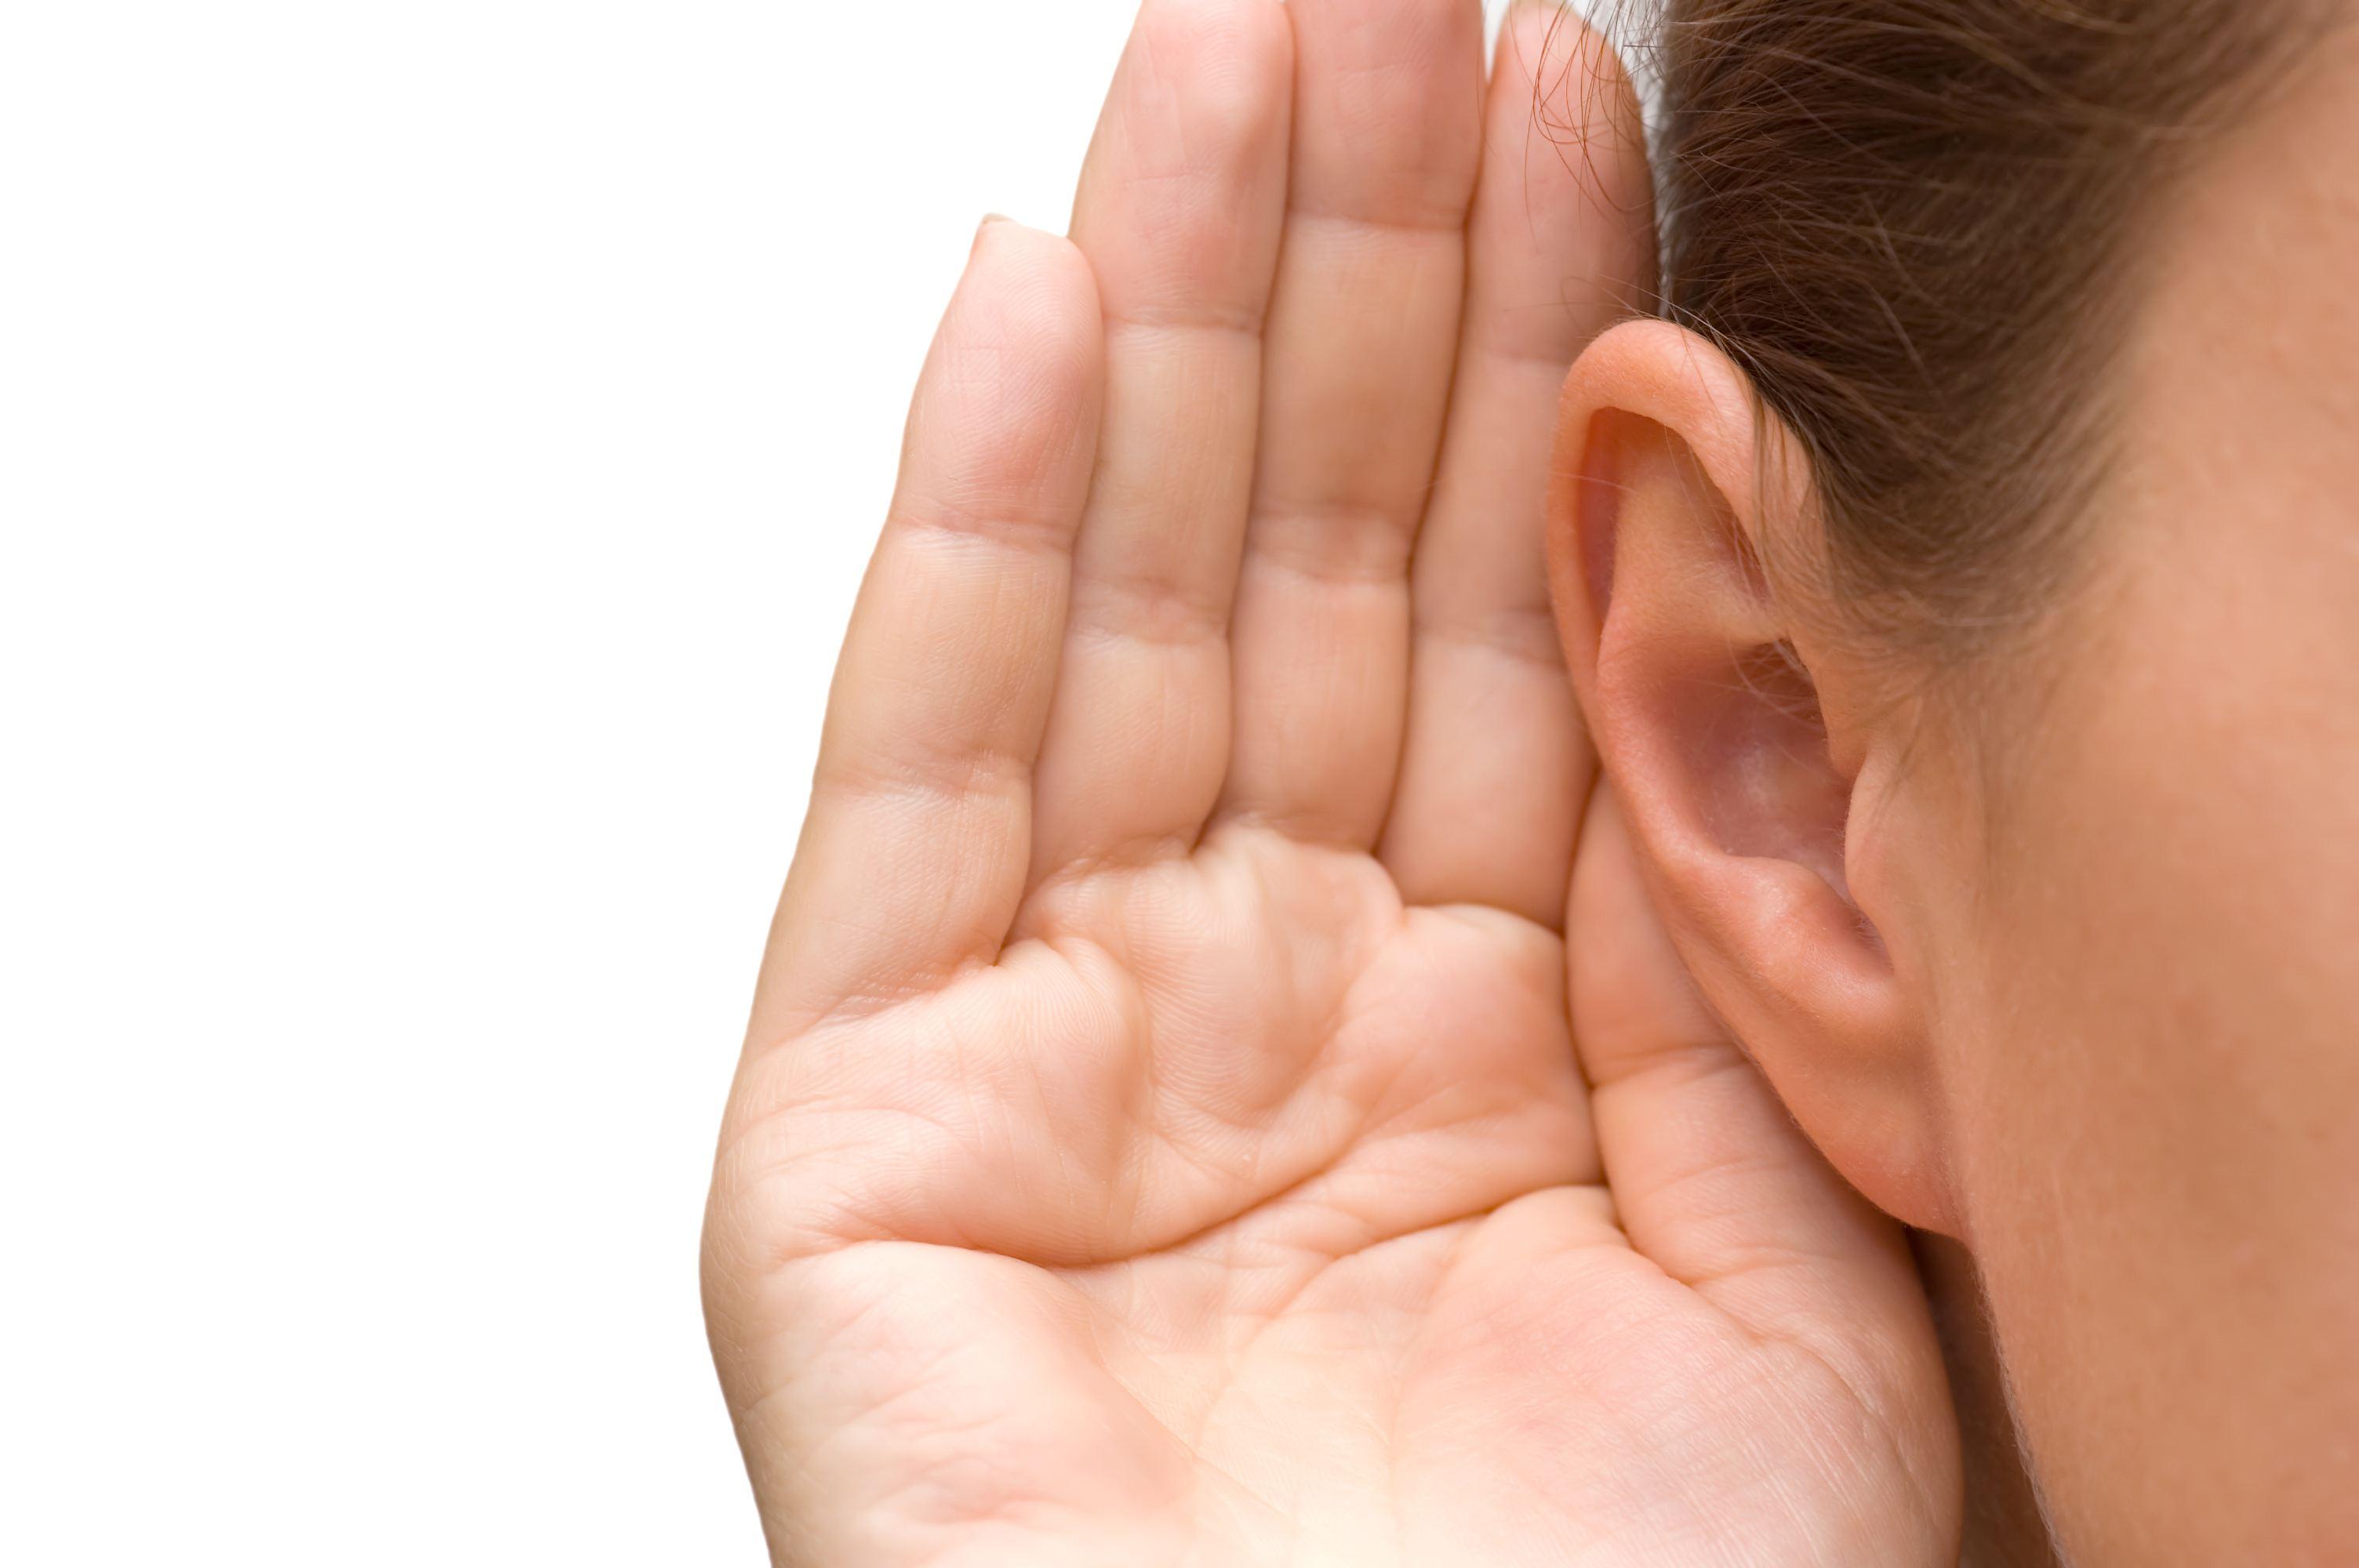 Medikai pataria, kaip išvengti klausos sutrikimų | taf.lt